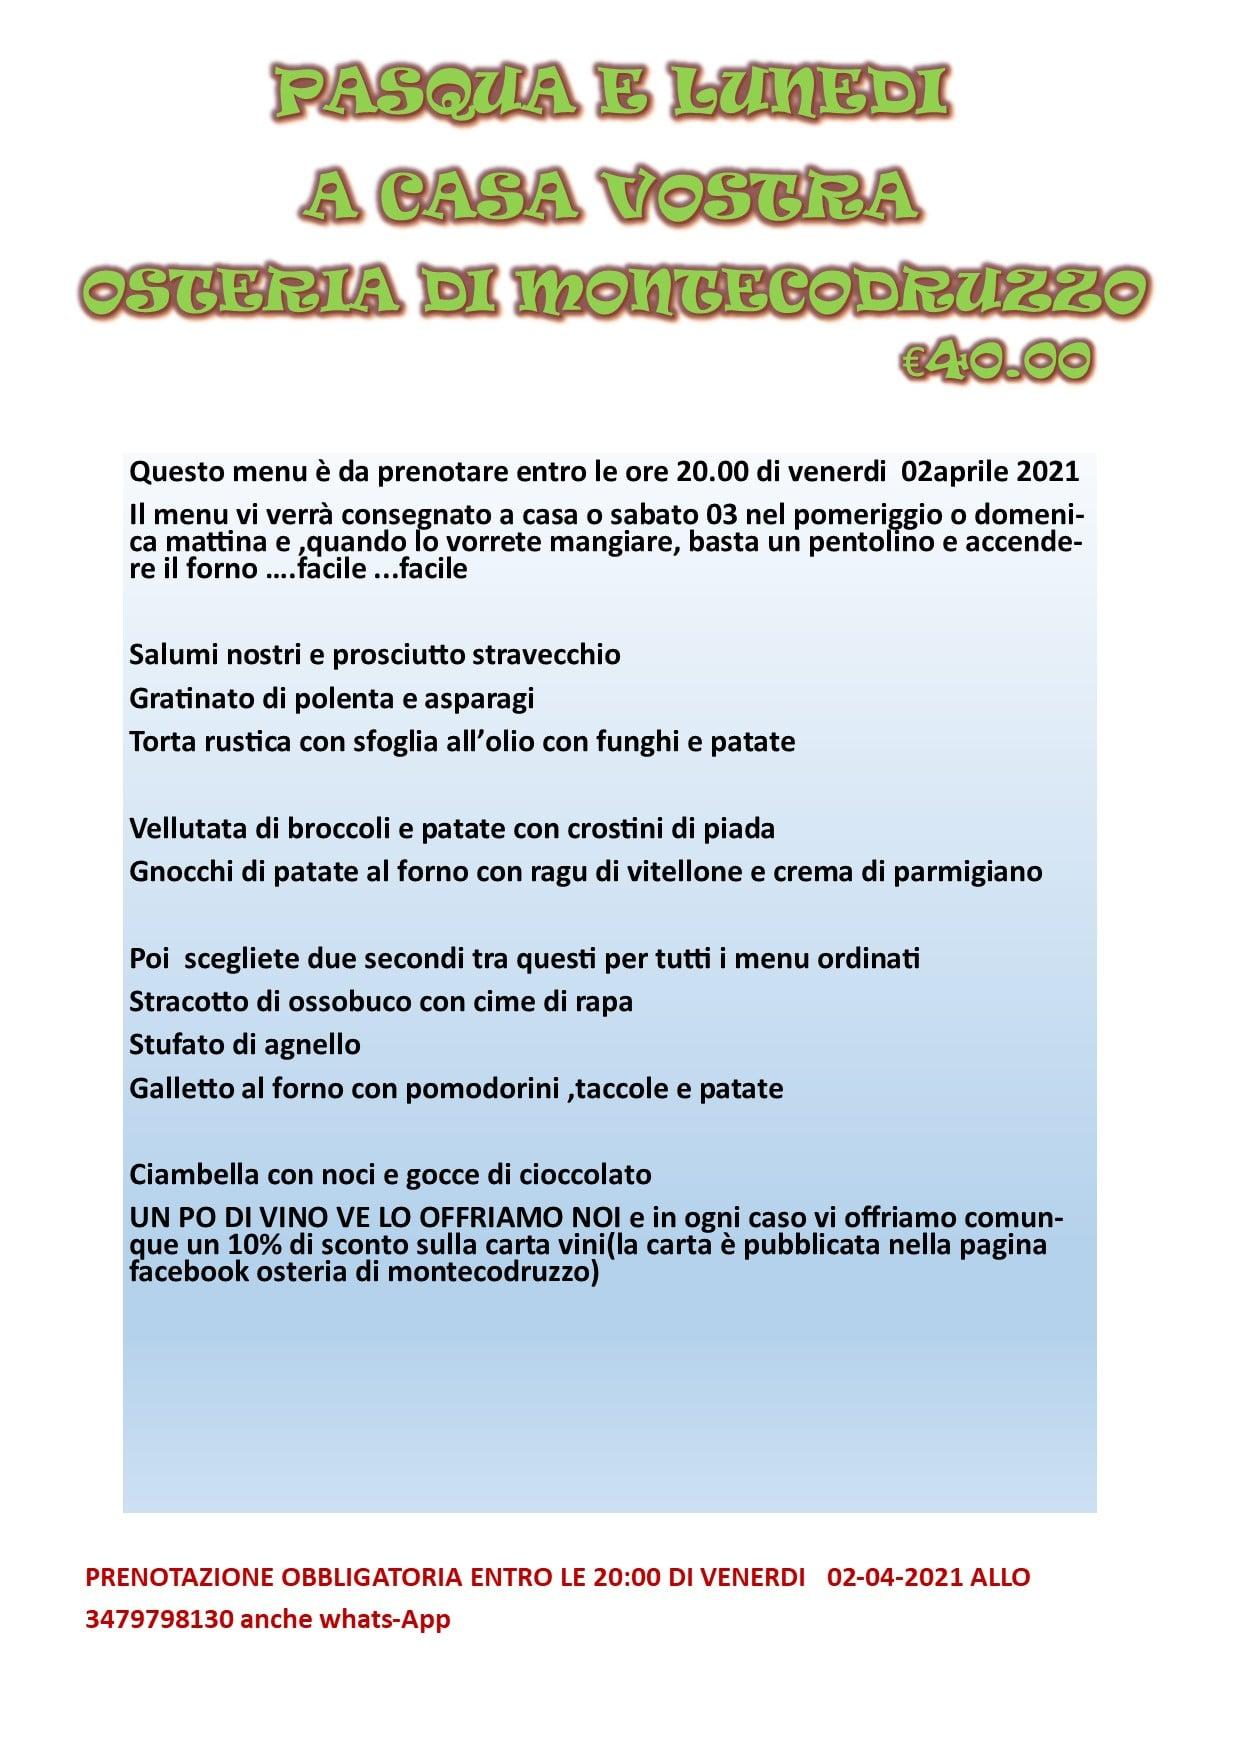 Osteria di Montecodruzzo - Gualdo di Roncofreddo